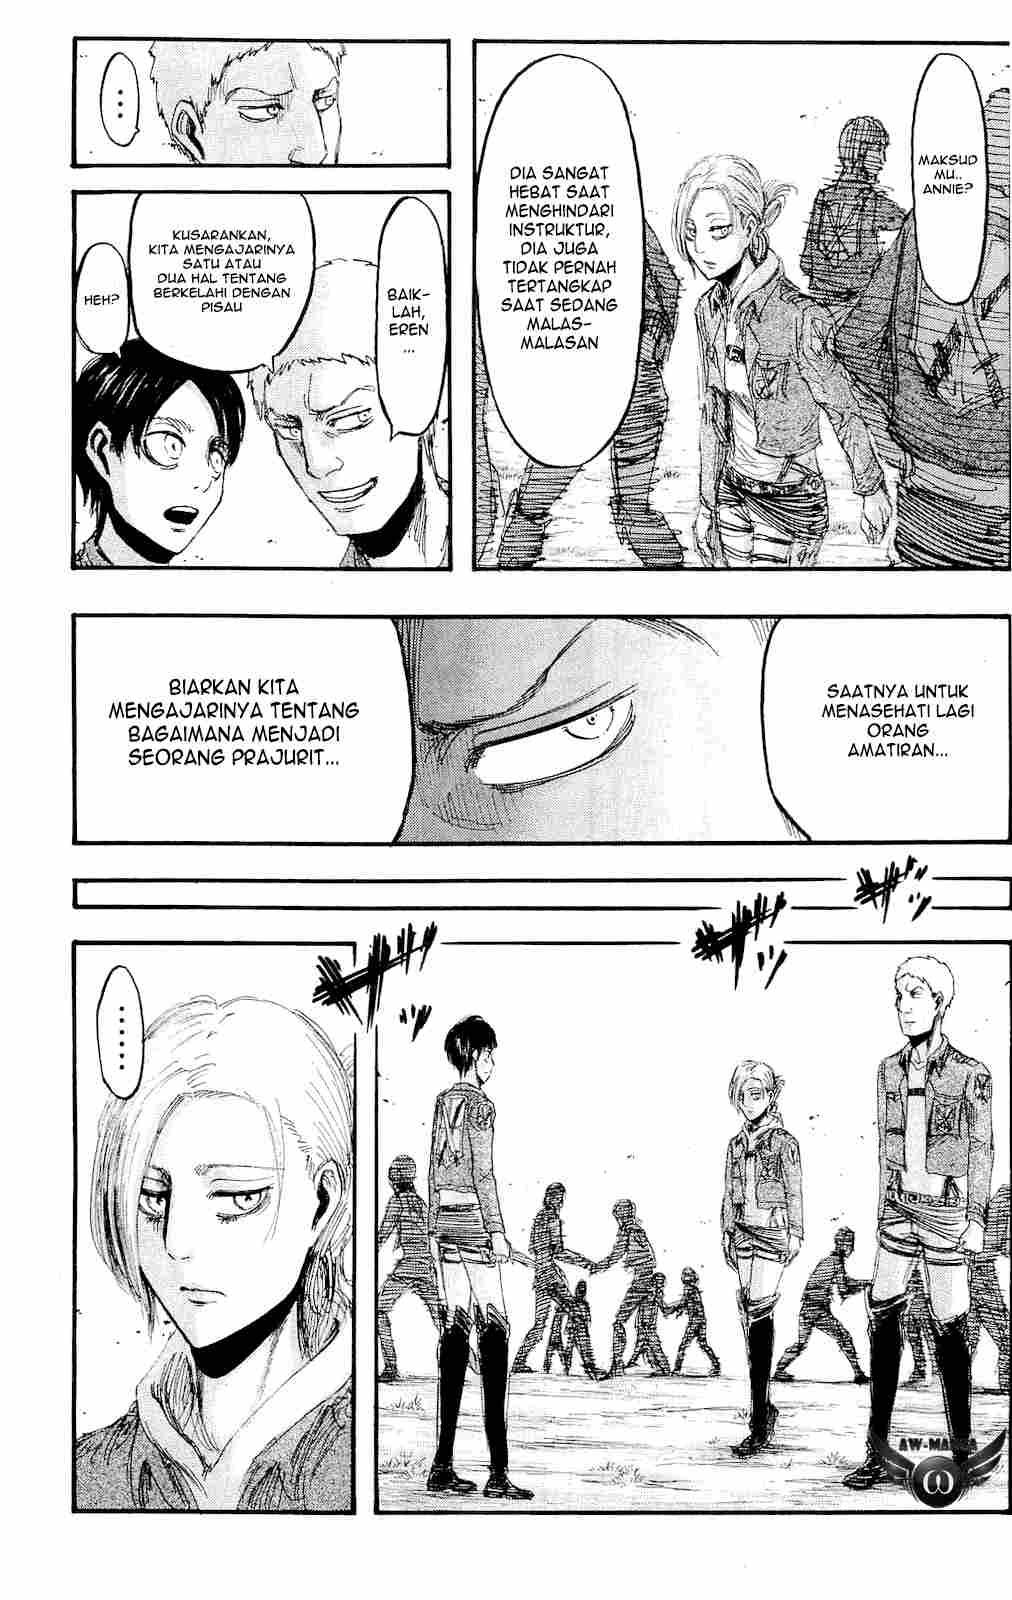 Komik shingeki no kyojin 017 - ilusi dari kekuatan 18 Indonesia shingeki no kyojin 017 - ilusi dari kekuatan Terbaru 9|Baca Manga Komik Indonesia|